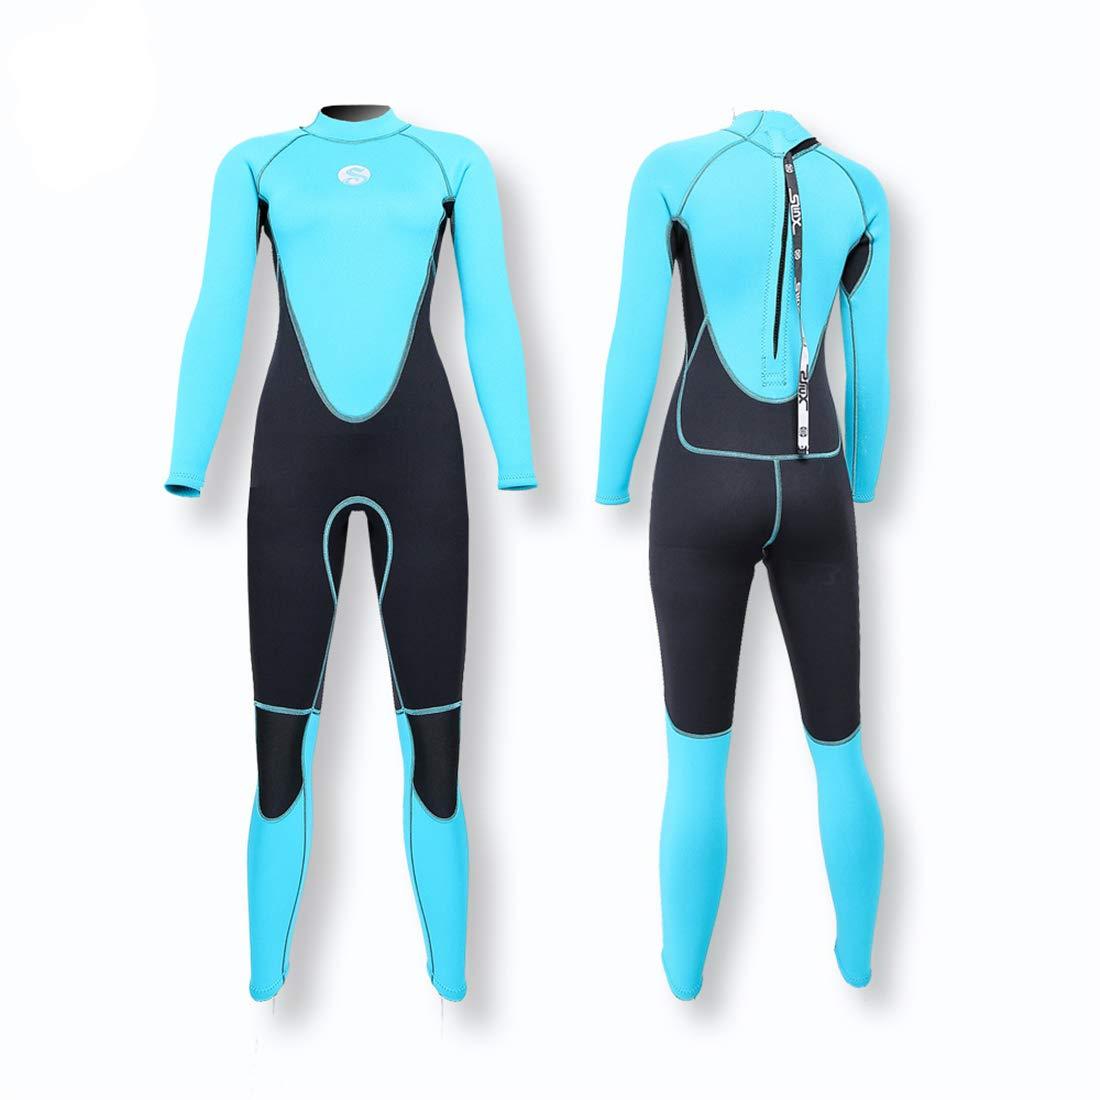 3mm ネオプレン女性ウェットスーツ暖かい水泳ウィンドサーフィンシュノーケリングスピアフィッシングスキューバスーパー薄い柔らかい快適なダイビングスーツ,M B07NY8JYZS Small  Small